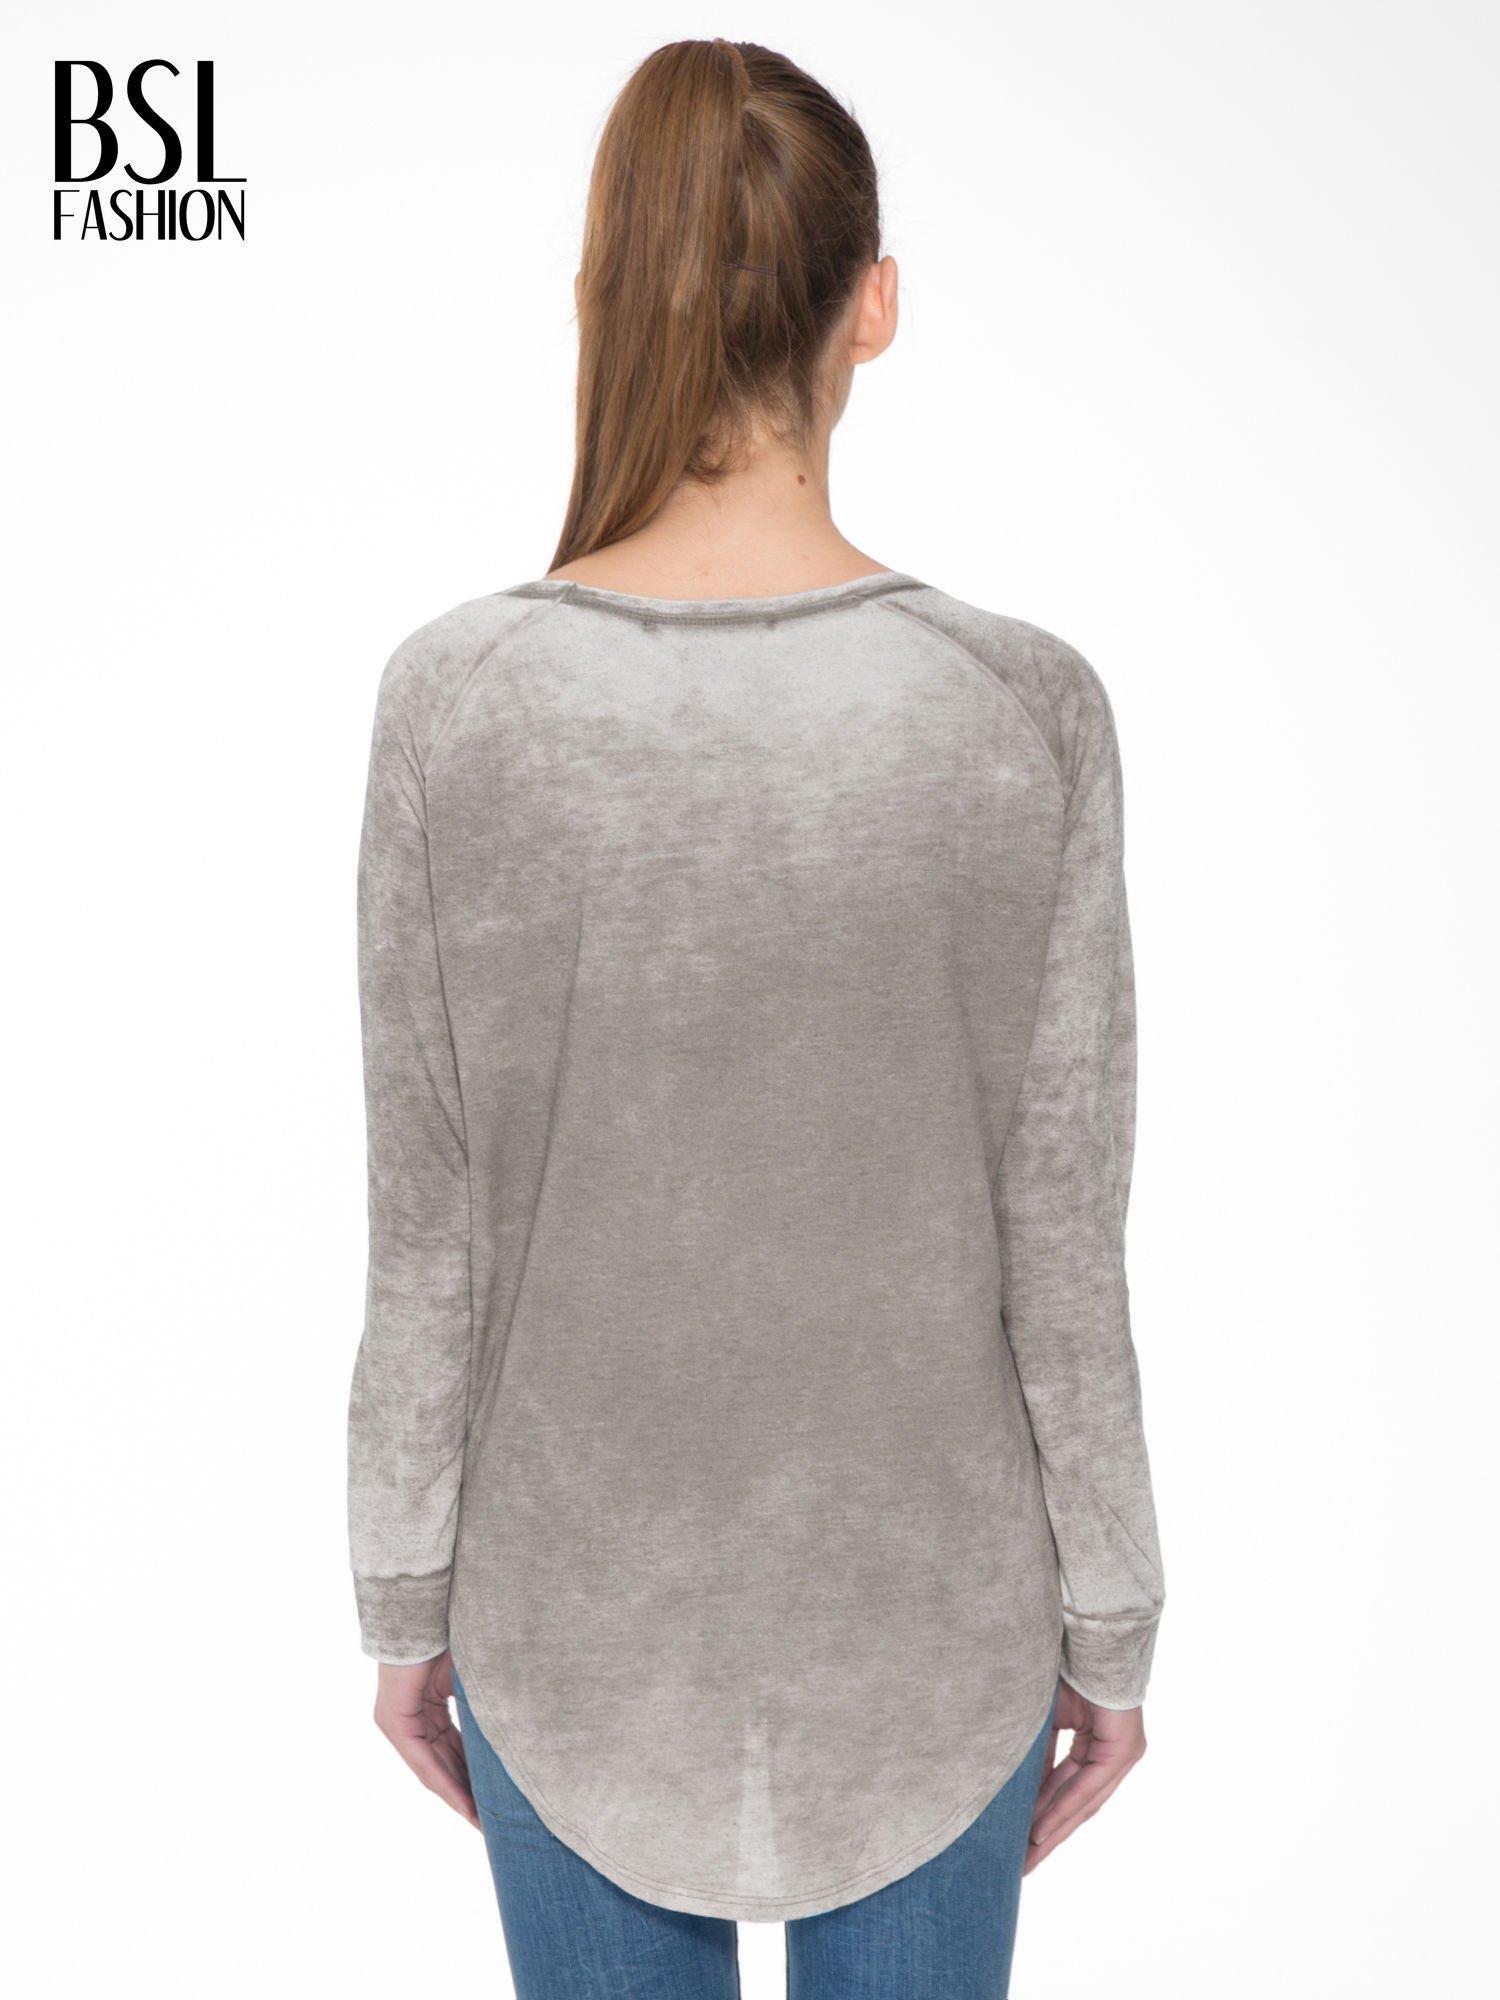 Szara bluzka z nadrukiem I LOVE BSL i efektem sprania                                  zdj.                                  4